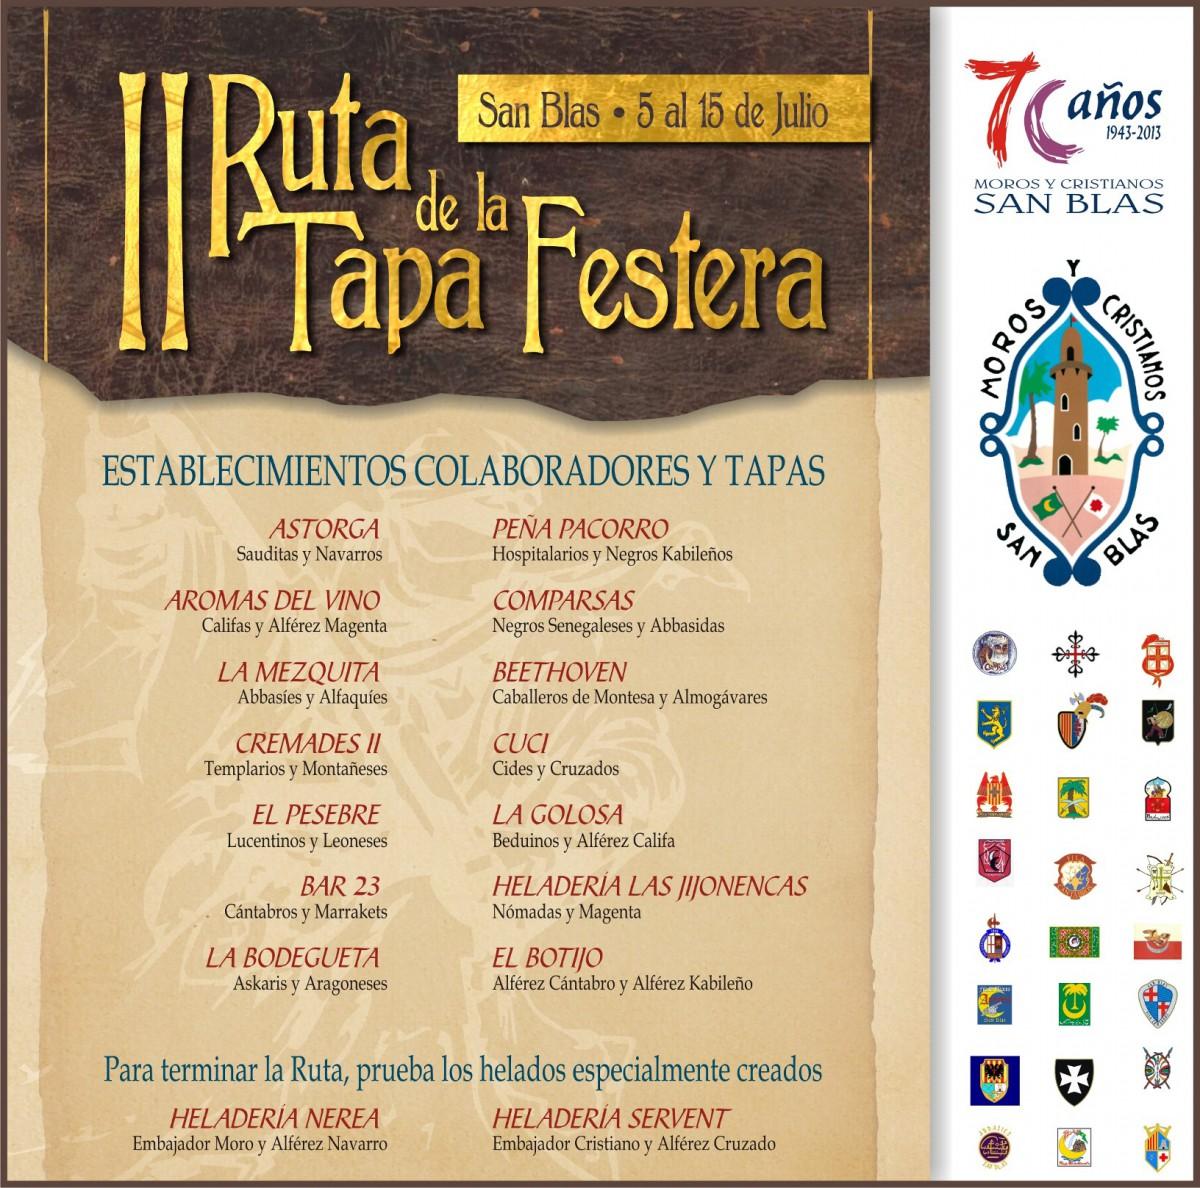 II Ruta de Tapas Festera.Del 5 al 15 de Julio- Moros y Cristianos del Barrio de San Blás